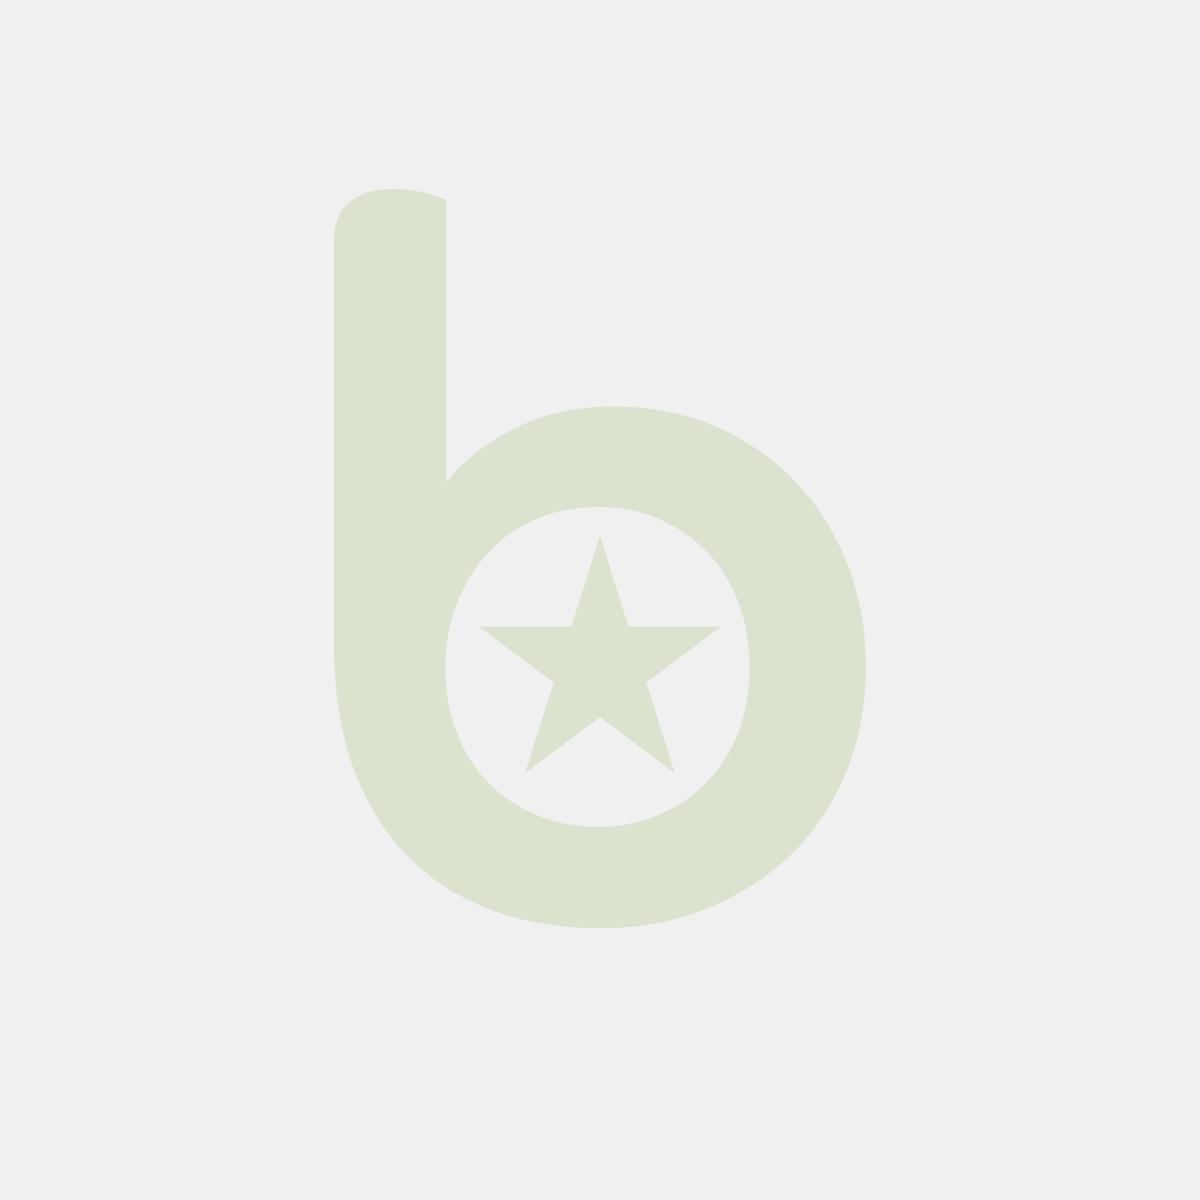 Konfekcja eco-set PLA czarna 3 op.200szt łyżka+serwetka eko; biodegradowalne